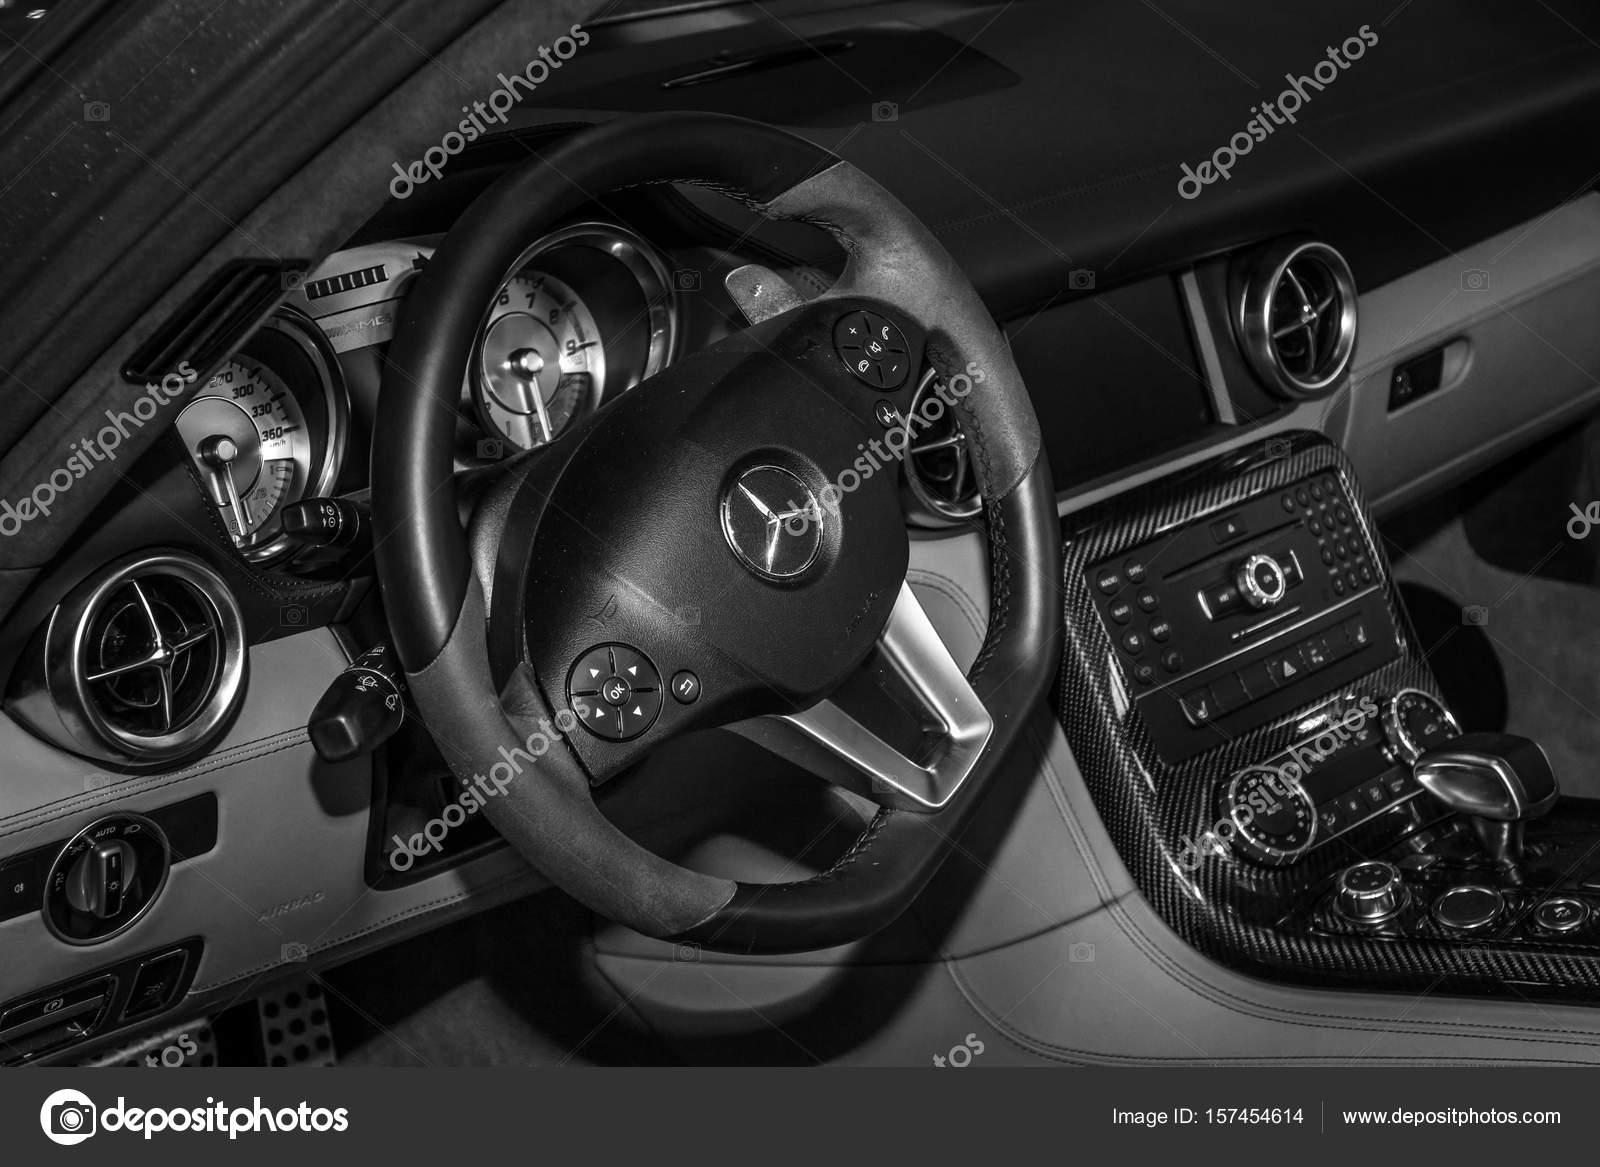 https://st3.depositphotos.com/1705215/15745/i/1600/depositphotos_157454614-stockafbeelding-interieur-van-de-sportwagen-mercedes.jpg